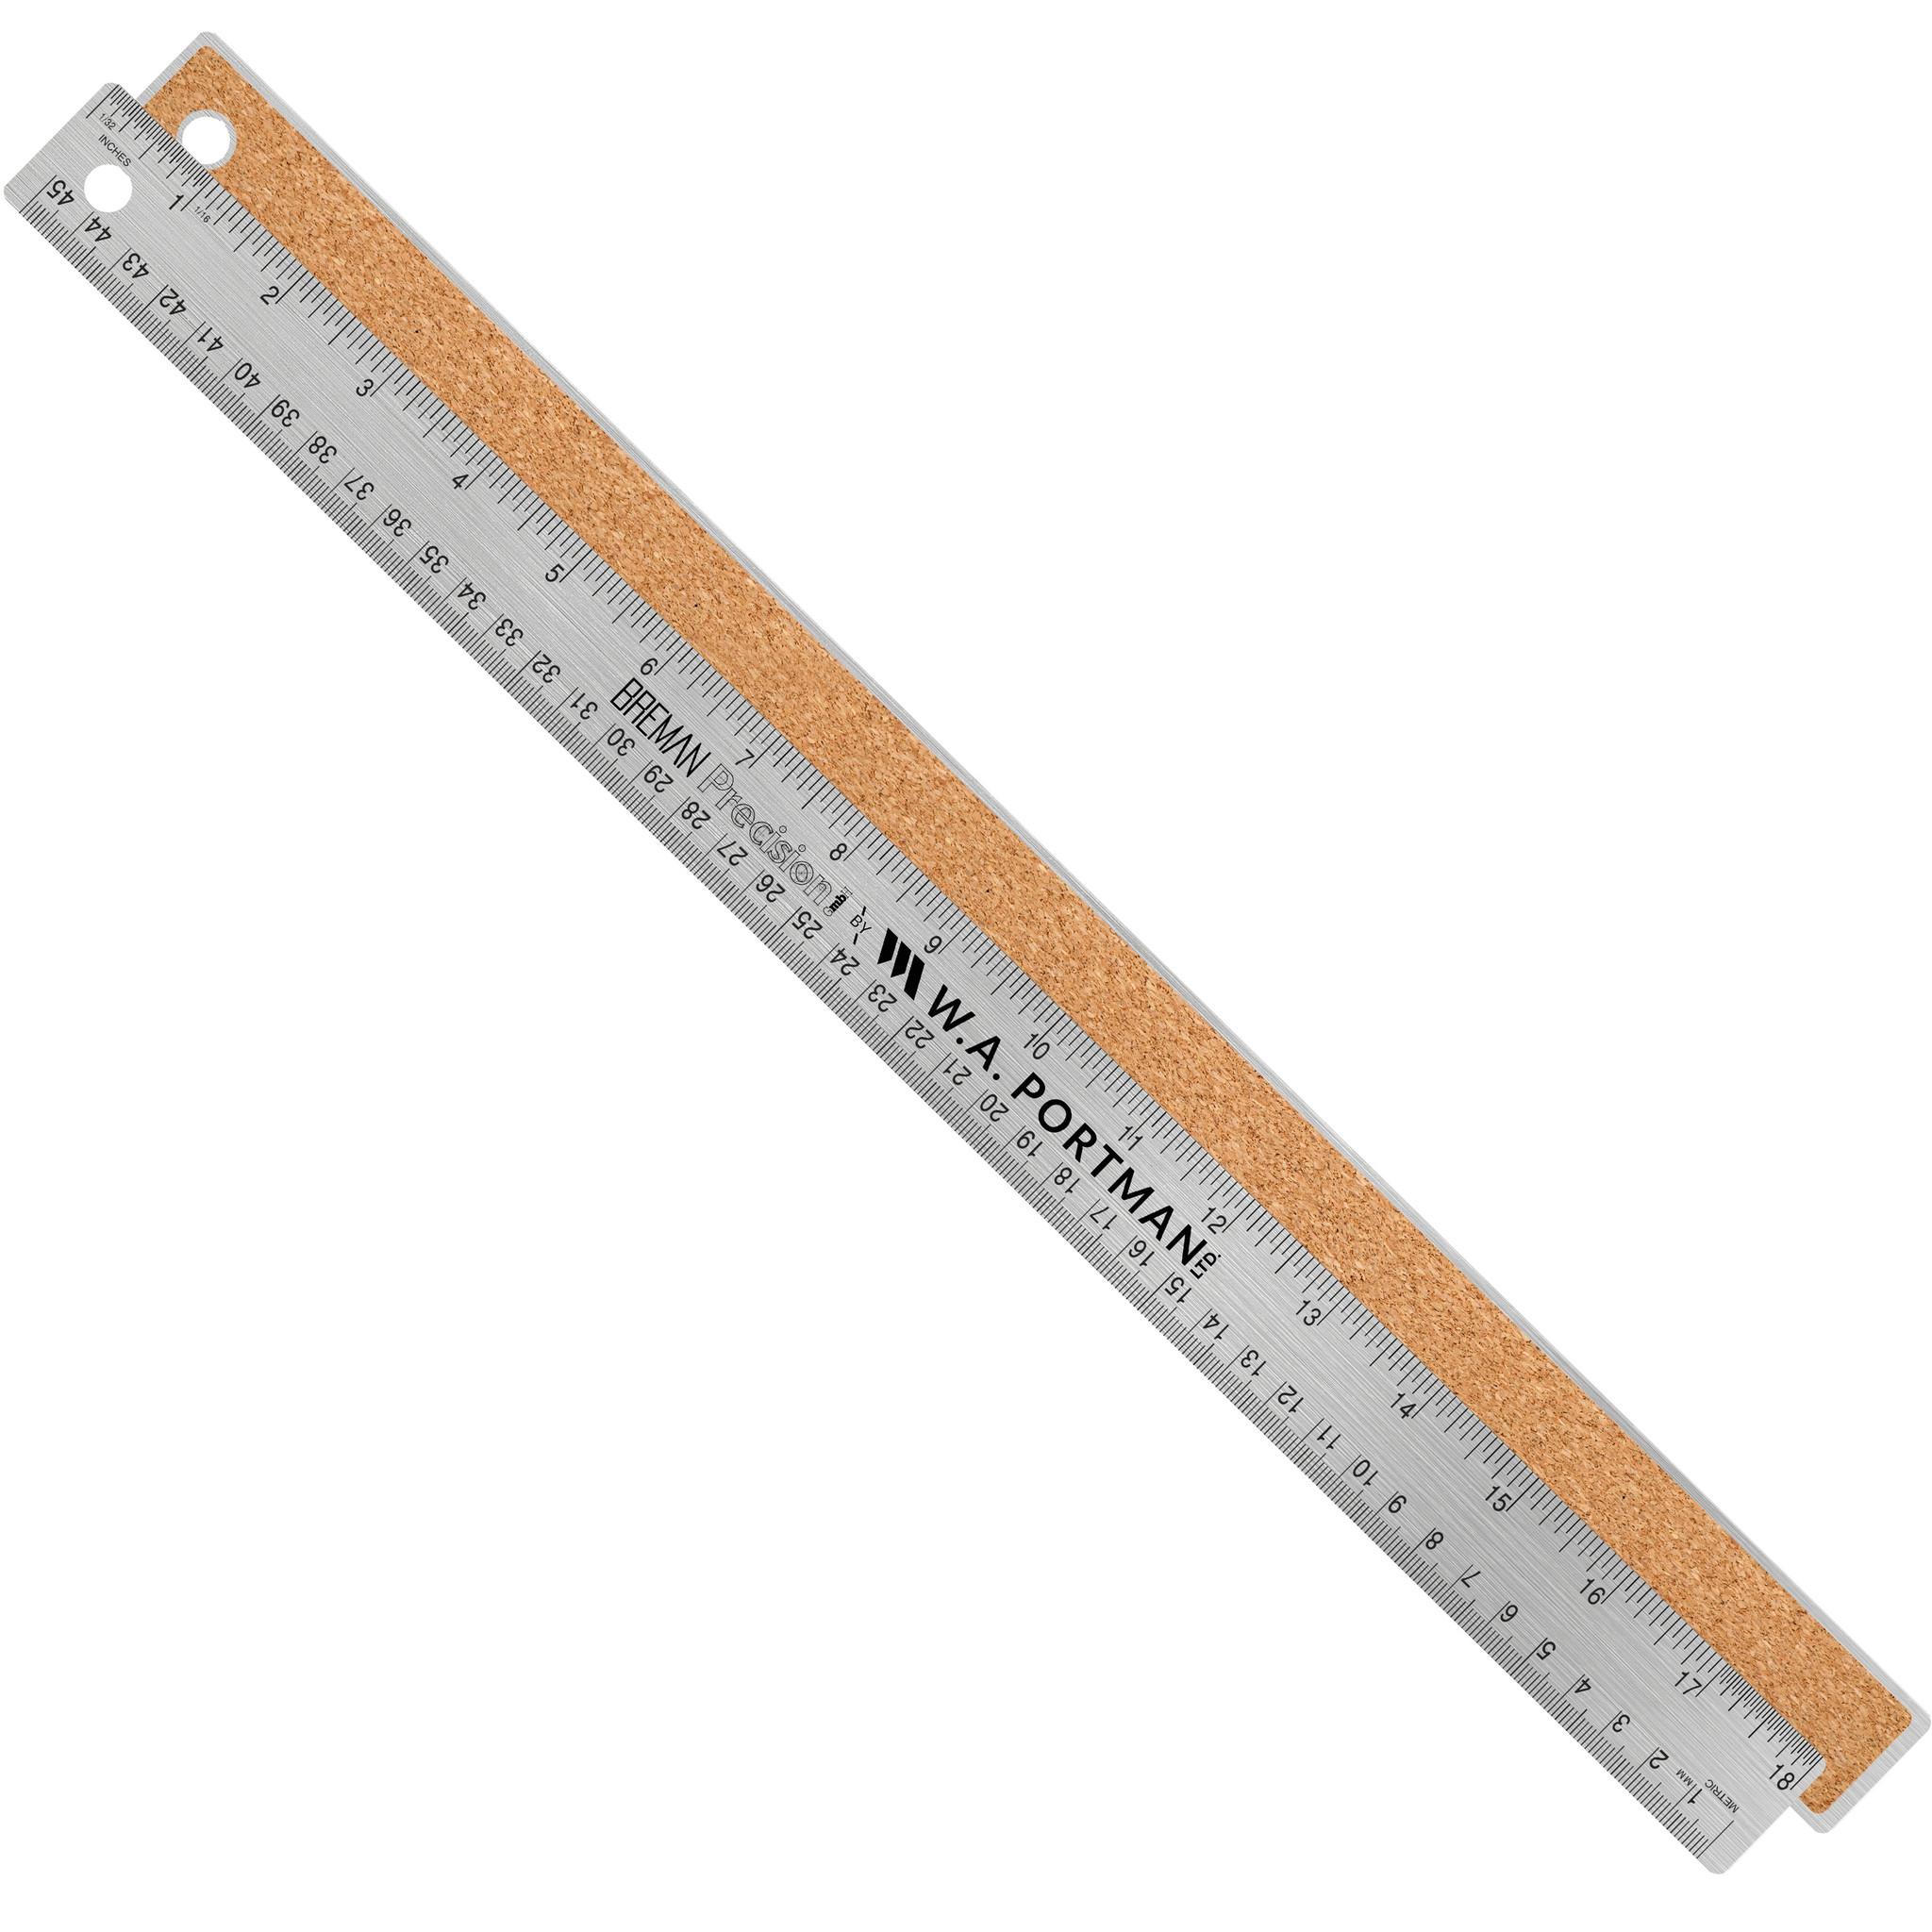 """W.A. Portman 18"""" Stainless Cork Back Ruler (1pk, 2pk, 10pk)"""